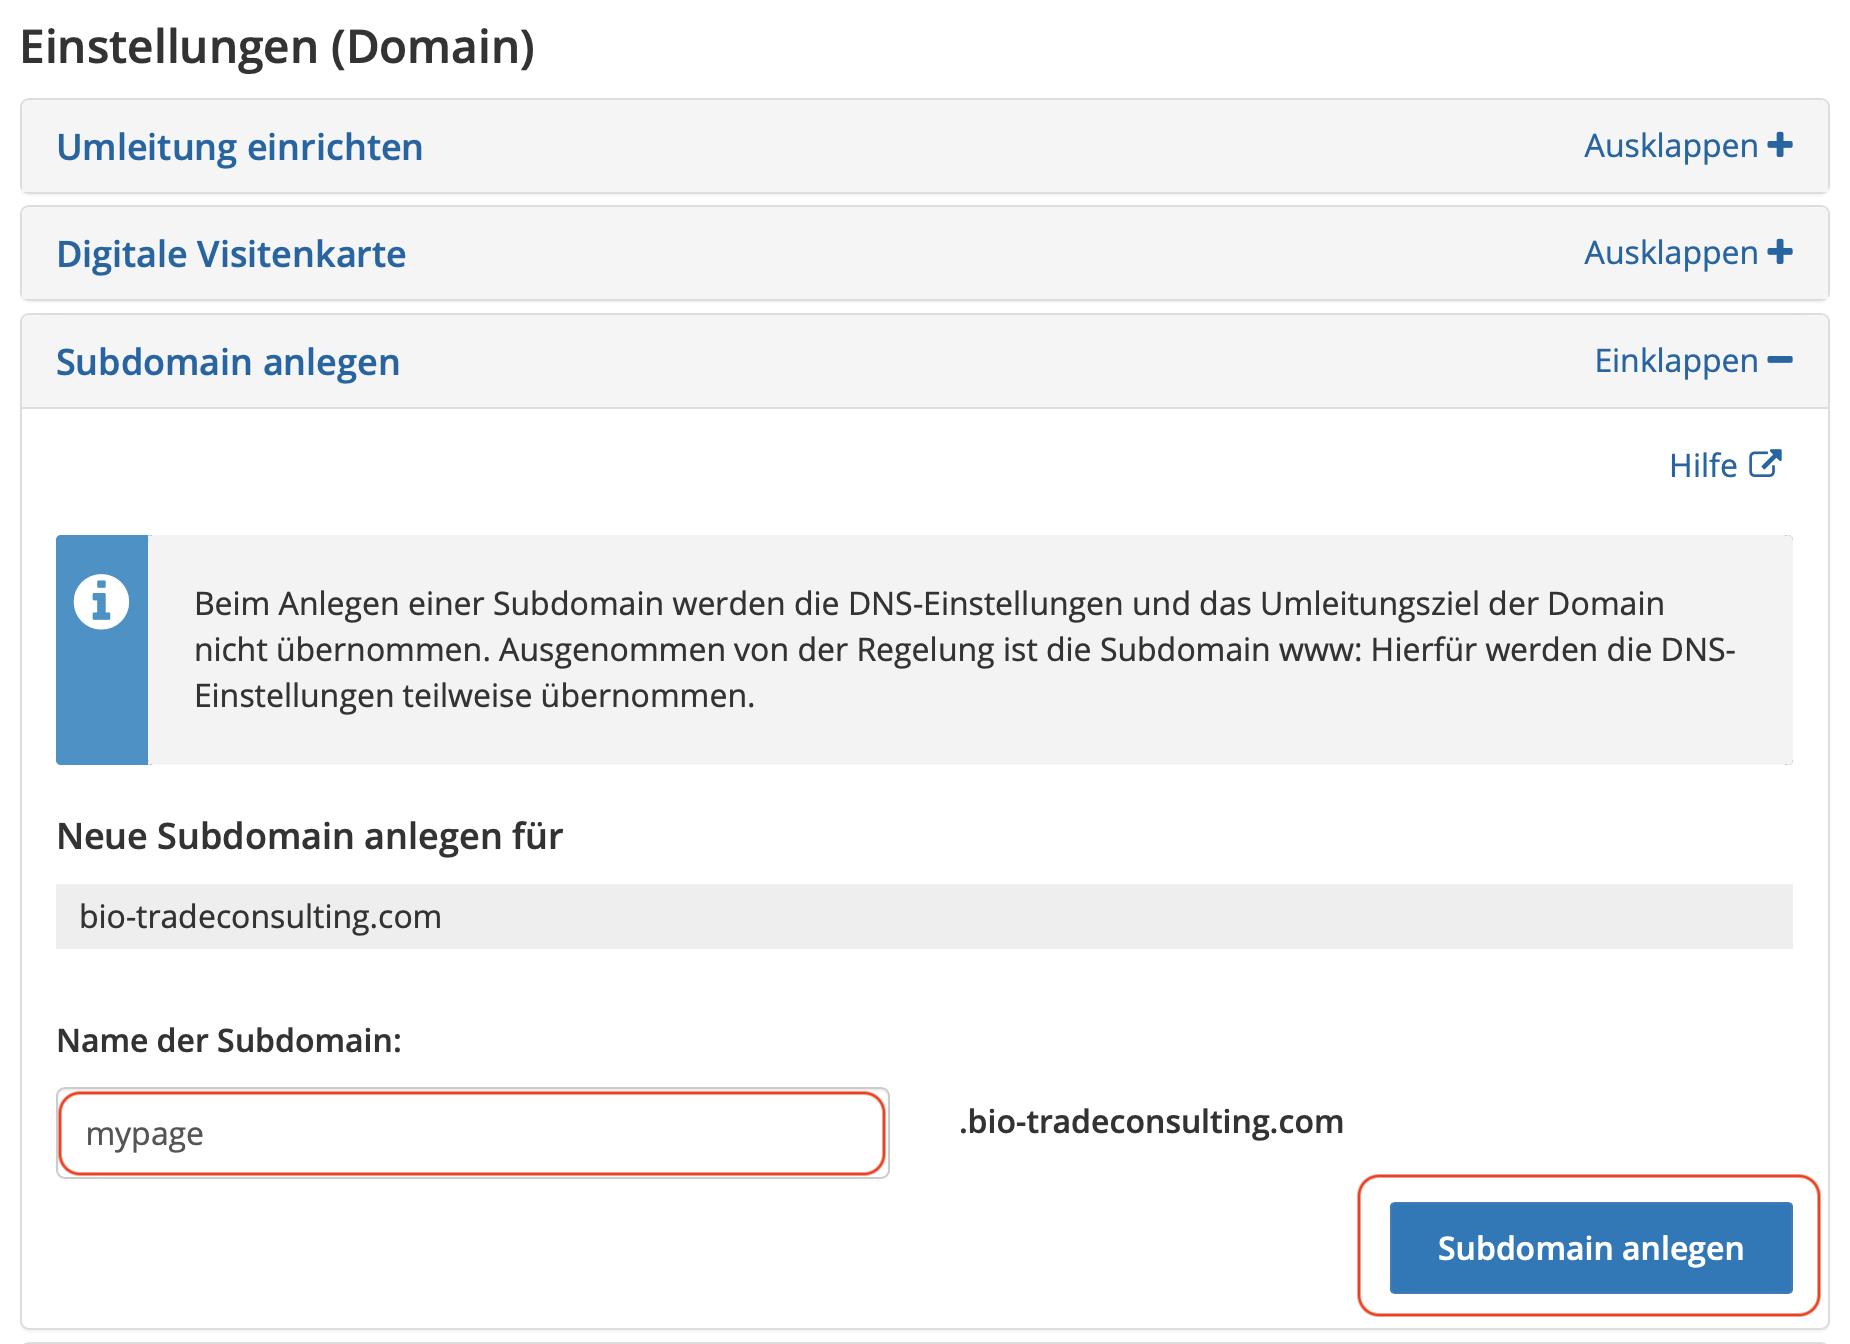 Domain Sub anlegen